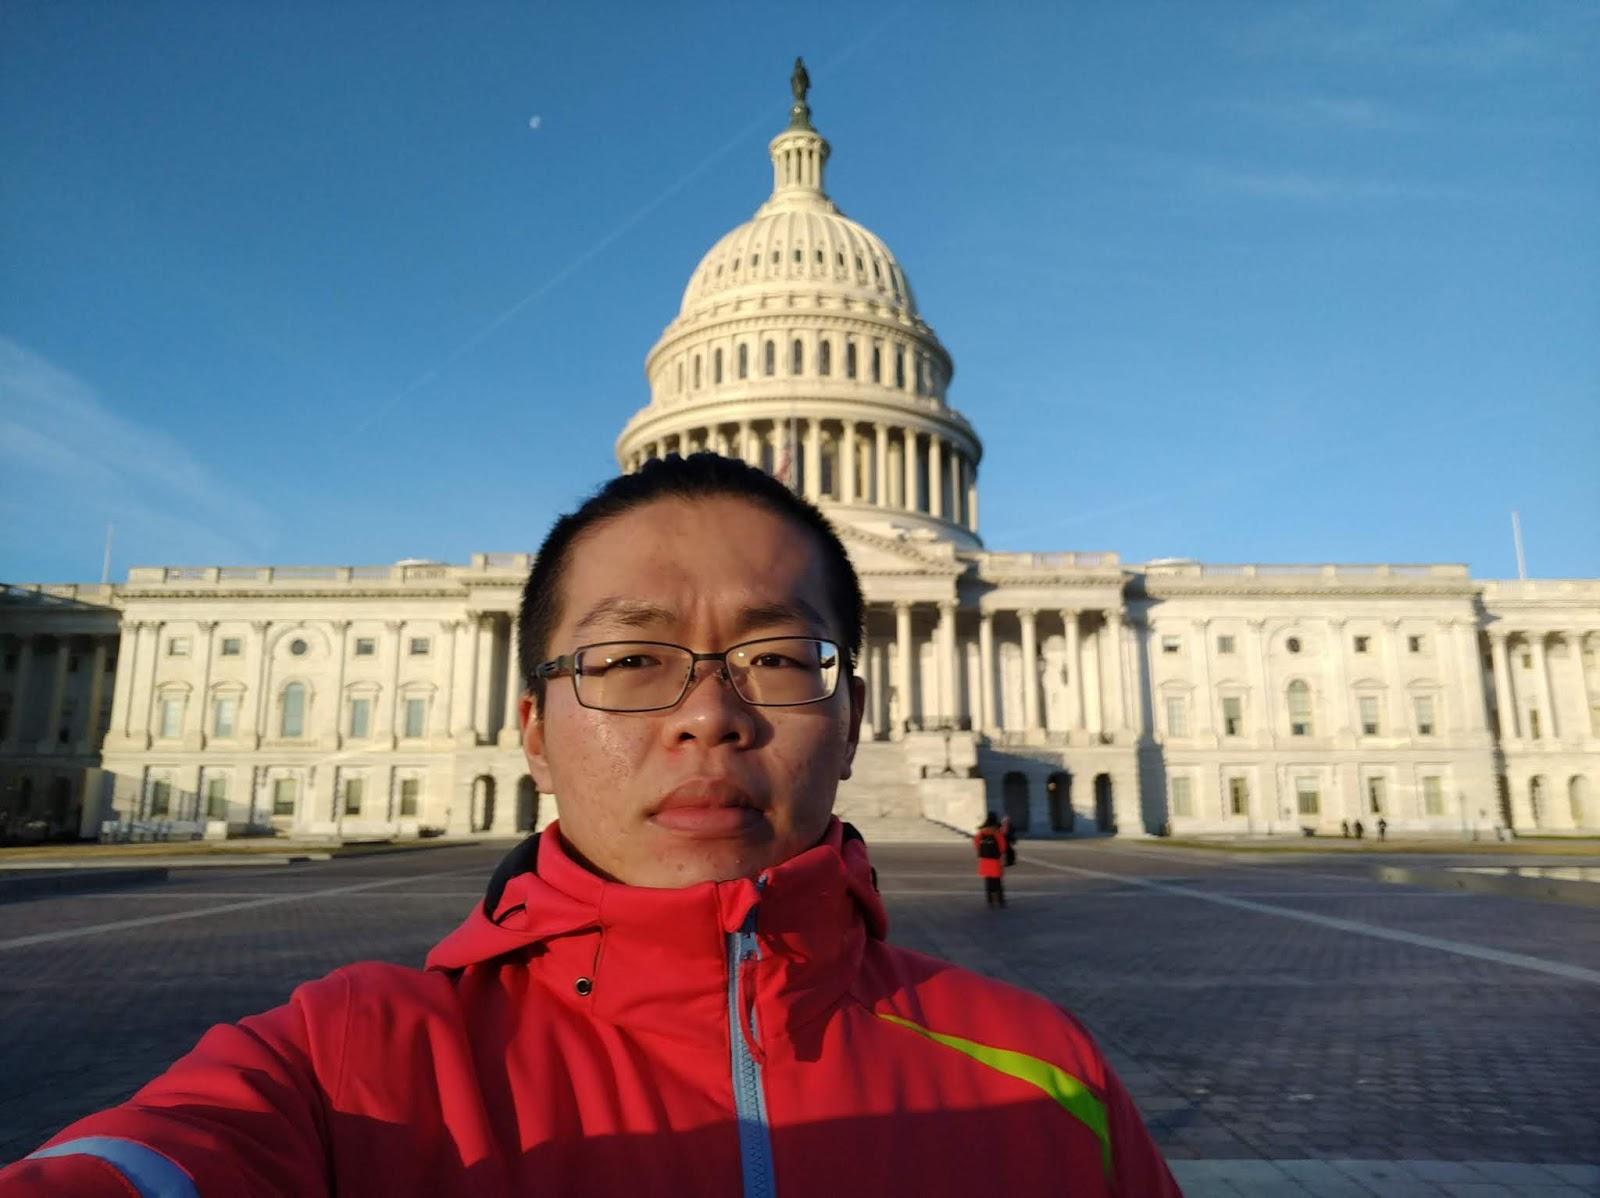 寒假東北美自助旅行—巴爾的摩與華盛頓